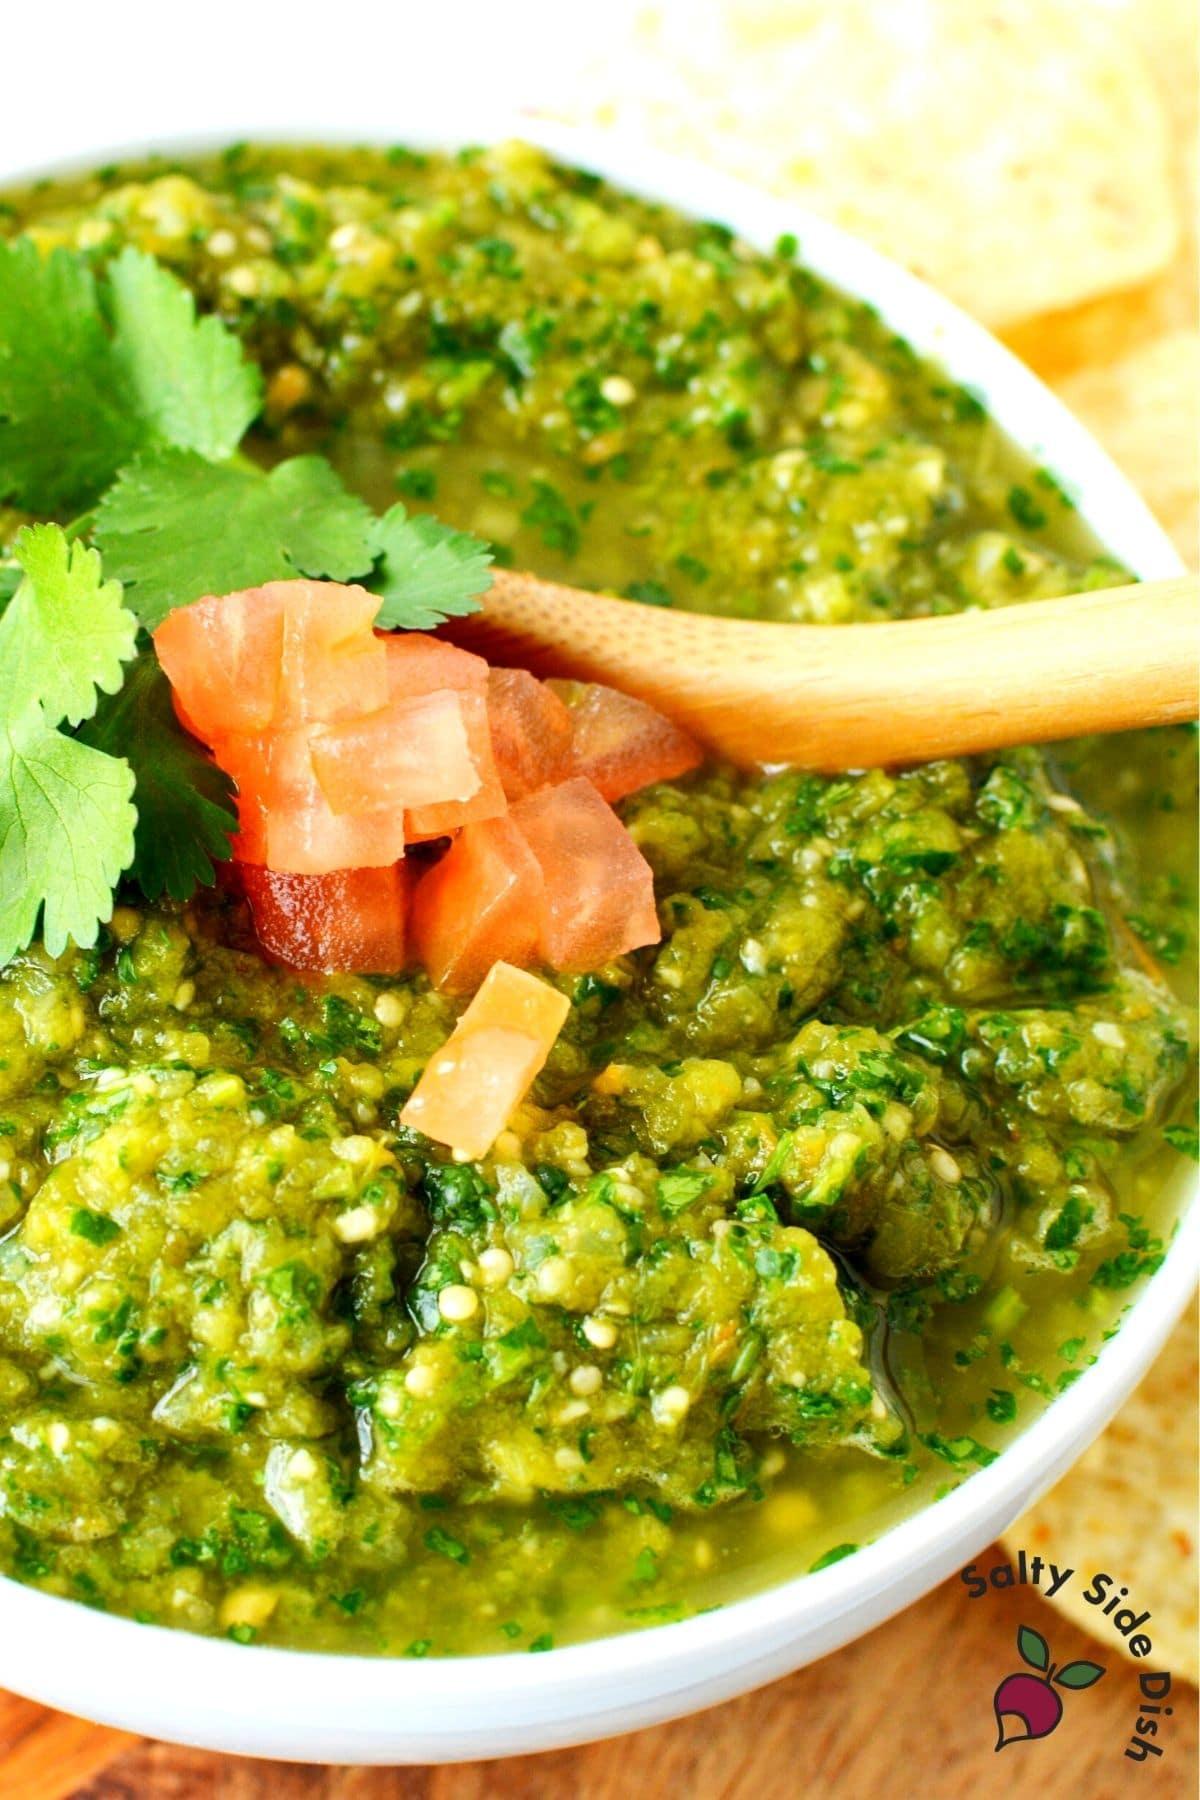 ninja foodi roasted vegetables for salsa verde